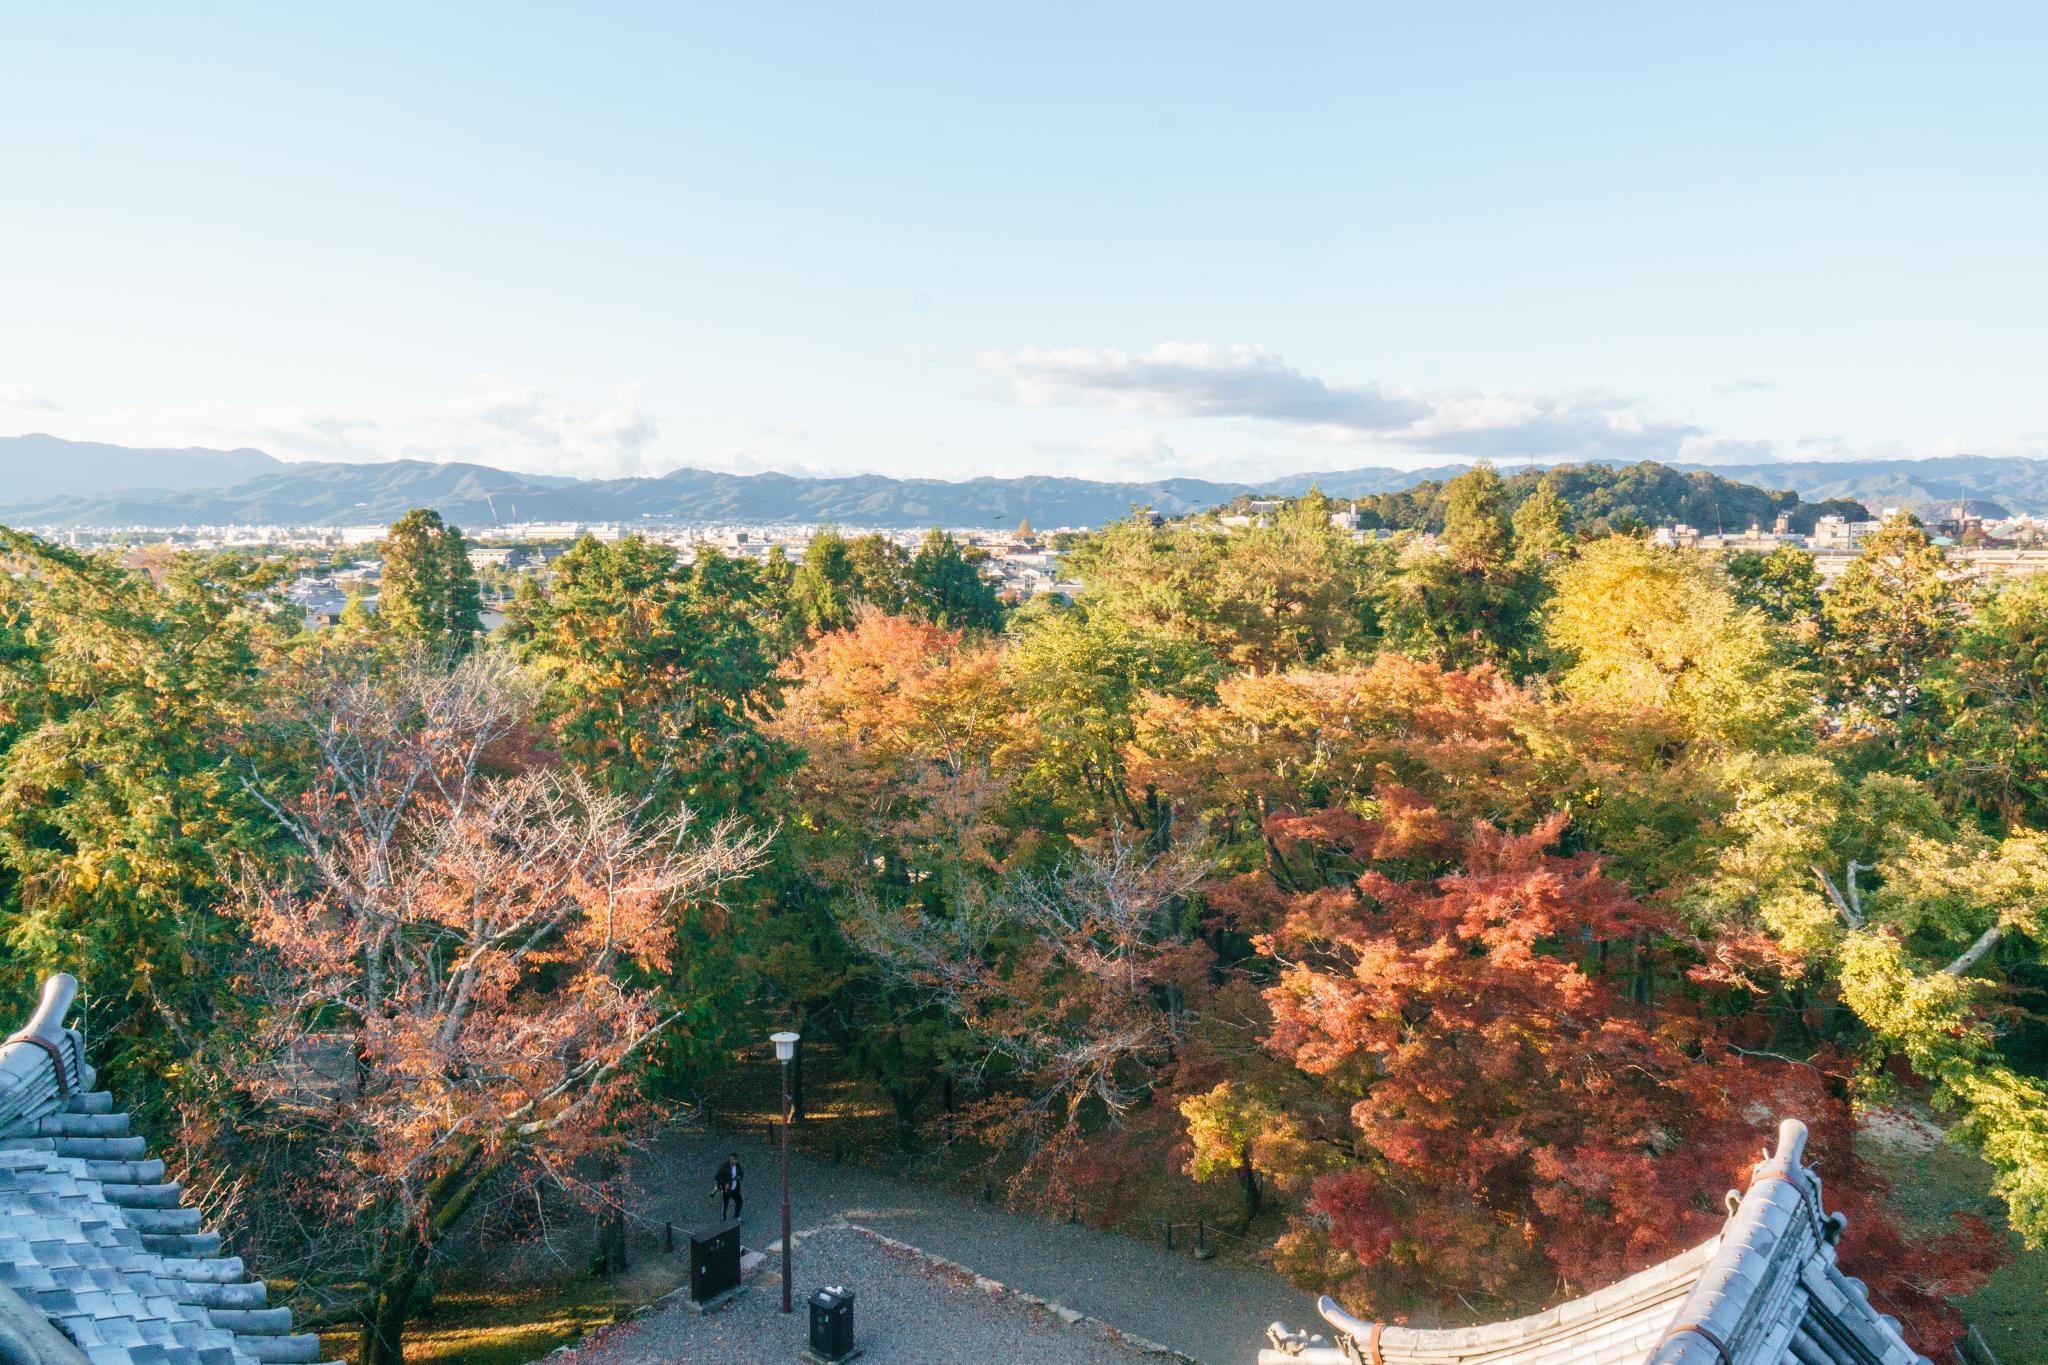 【京都】秋光葉影的古寺散策 - 南禪寺 98